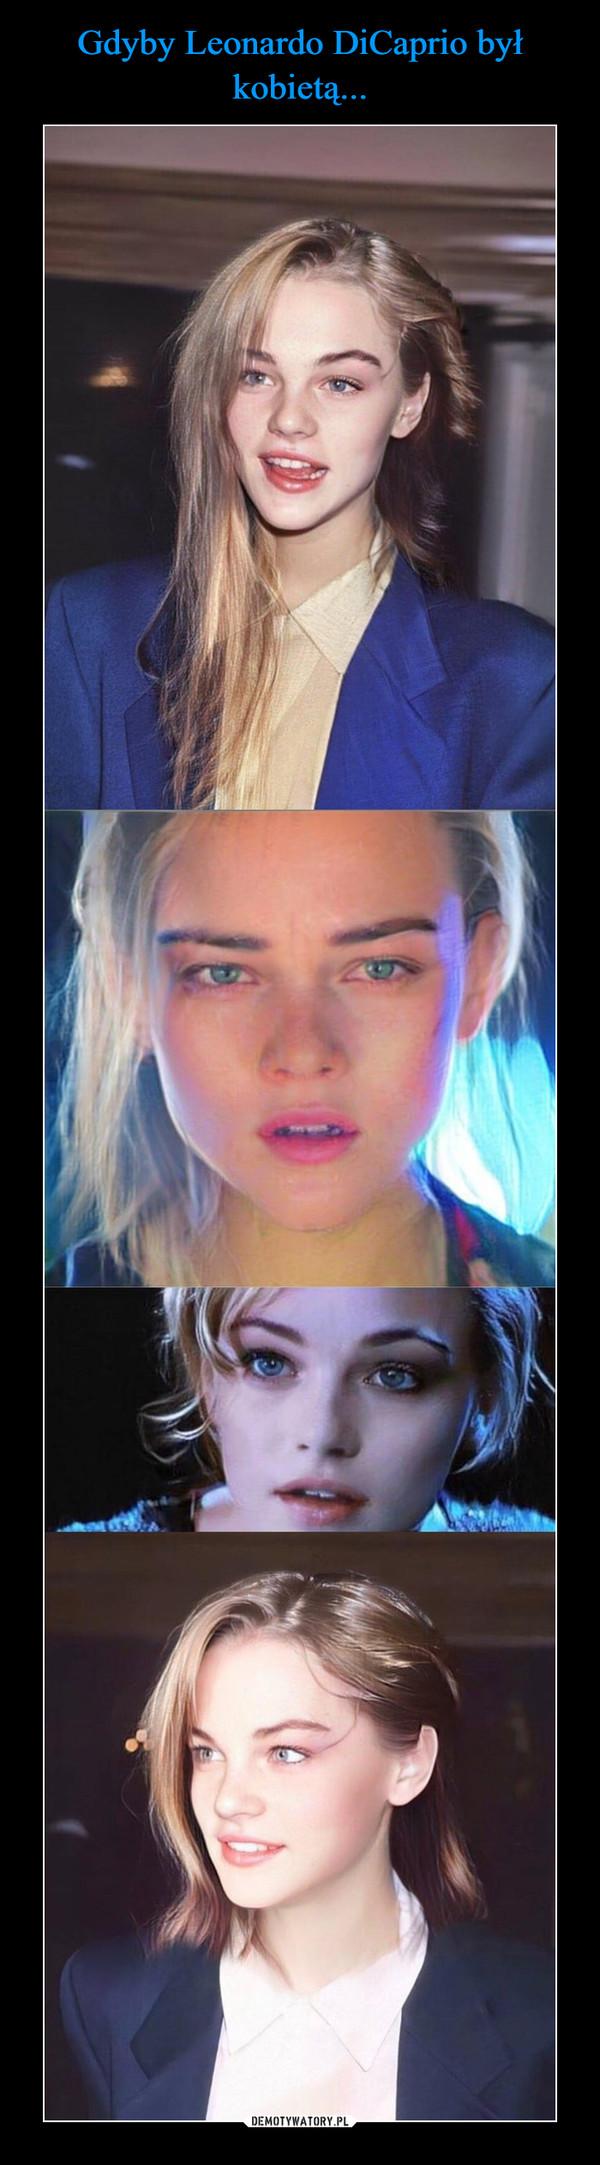 Gdyby Leonardo DiCaprio był kobietą...